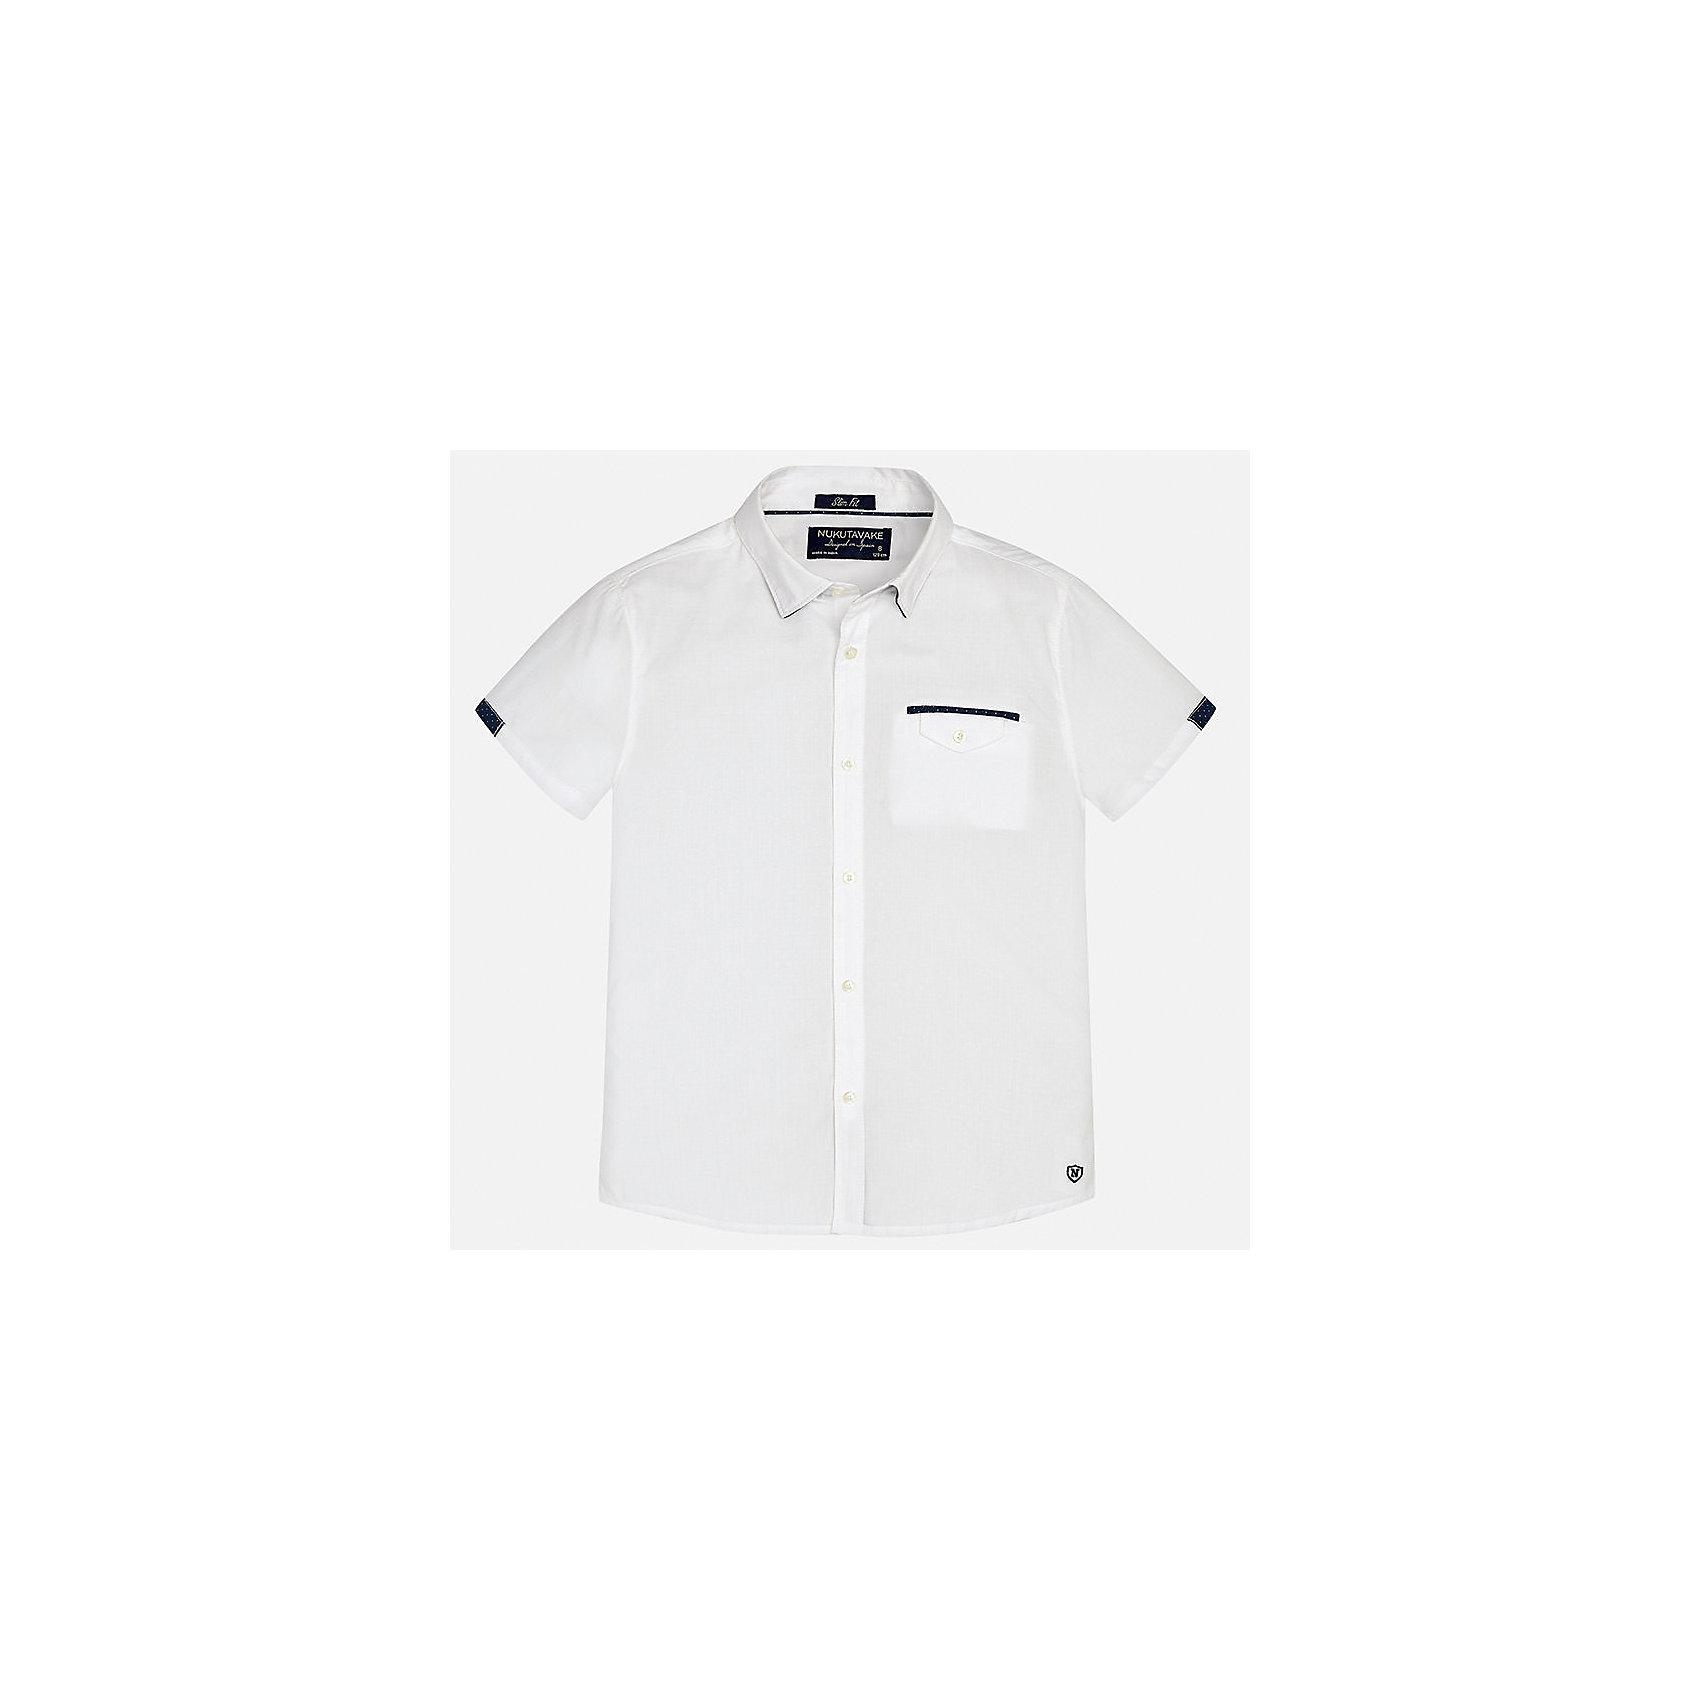 Рубашка для мальчика MayoralХарактеристики товара:<br><br>• цвет: белый<br>• состав: 100% хлопок<br>• отложной воротник<br>• декорирована карманом на груди<br>• короткие рукава<br>• застежки: пуговицы<br>• страна бренда: Испания<br><br>Модная рубашка поможет разнообразить гардероб мальчика. Она отлично сочетается с брюками, шортами, джинсами. Универсальный крой и цвет позволяет подобрать к вещи низ разных расцветок. Практичное и стильное изделие! Хорошо смотрится и комфортно сидит на детях. В составе материала - только натуральный хлопок, гипоаллергенный, приятный на ощупь, дышащий. <br><br>Одежда, обувь и аксессуары от испанского бренда Mayoral полюбились детям и взрослым по всему миру. Модели этой марки - стильные и удобные. Для их производства используются только безопасные, качественные материалы и фурнитура. Порадуйте ребенка модными и красивыми вещами от Mayoral! <br><br>Рубашку для мальчика от испанского бренда Mayoral (Майорал) можно купить в нашем интернет-магазине.<br><br>Ширина мм: 174<br>Глубина мм: 10<br>Высота мм: 169<br>Вес г: 157<br>Цвет: белый<br>Возраст от месяцев: 144<br>Возраст до месяцев: 156<br>Пол: Мужской<br>Возраст: Детский<br>Размер: 164,158,152,140,170,128/134<br>SKU: 5281596